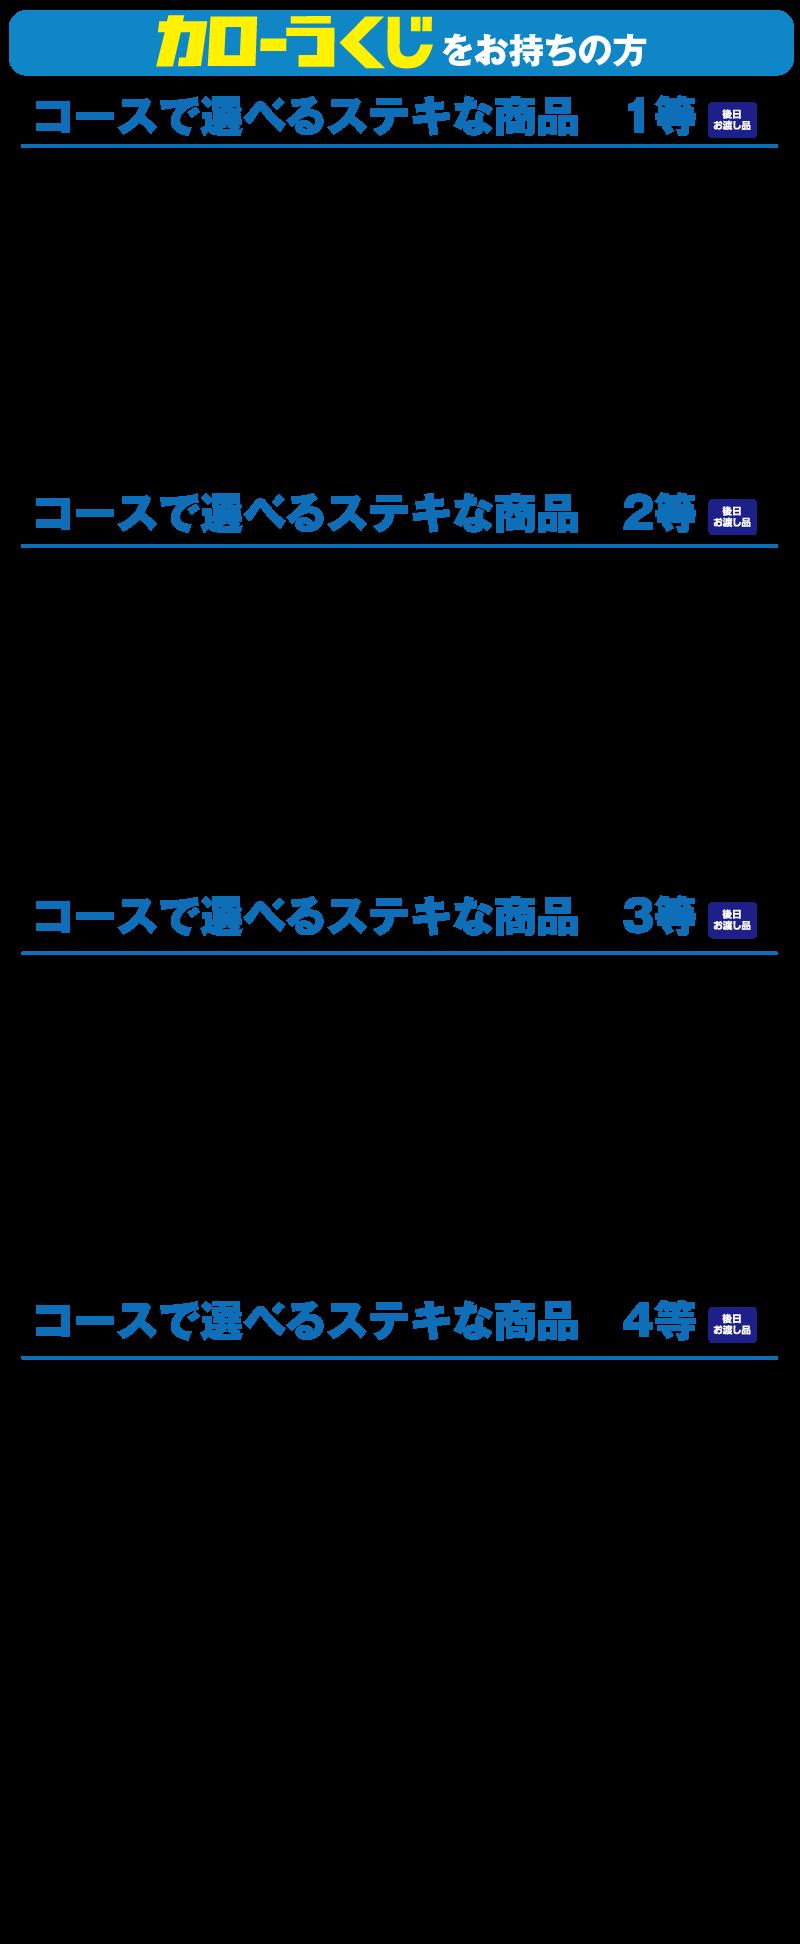 ジャンボ 宝くじ 発表 年末